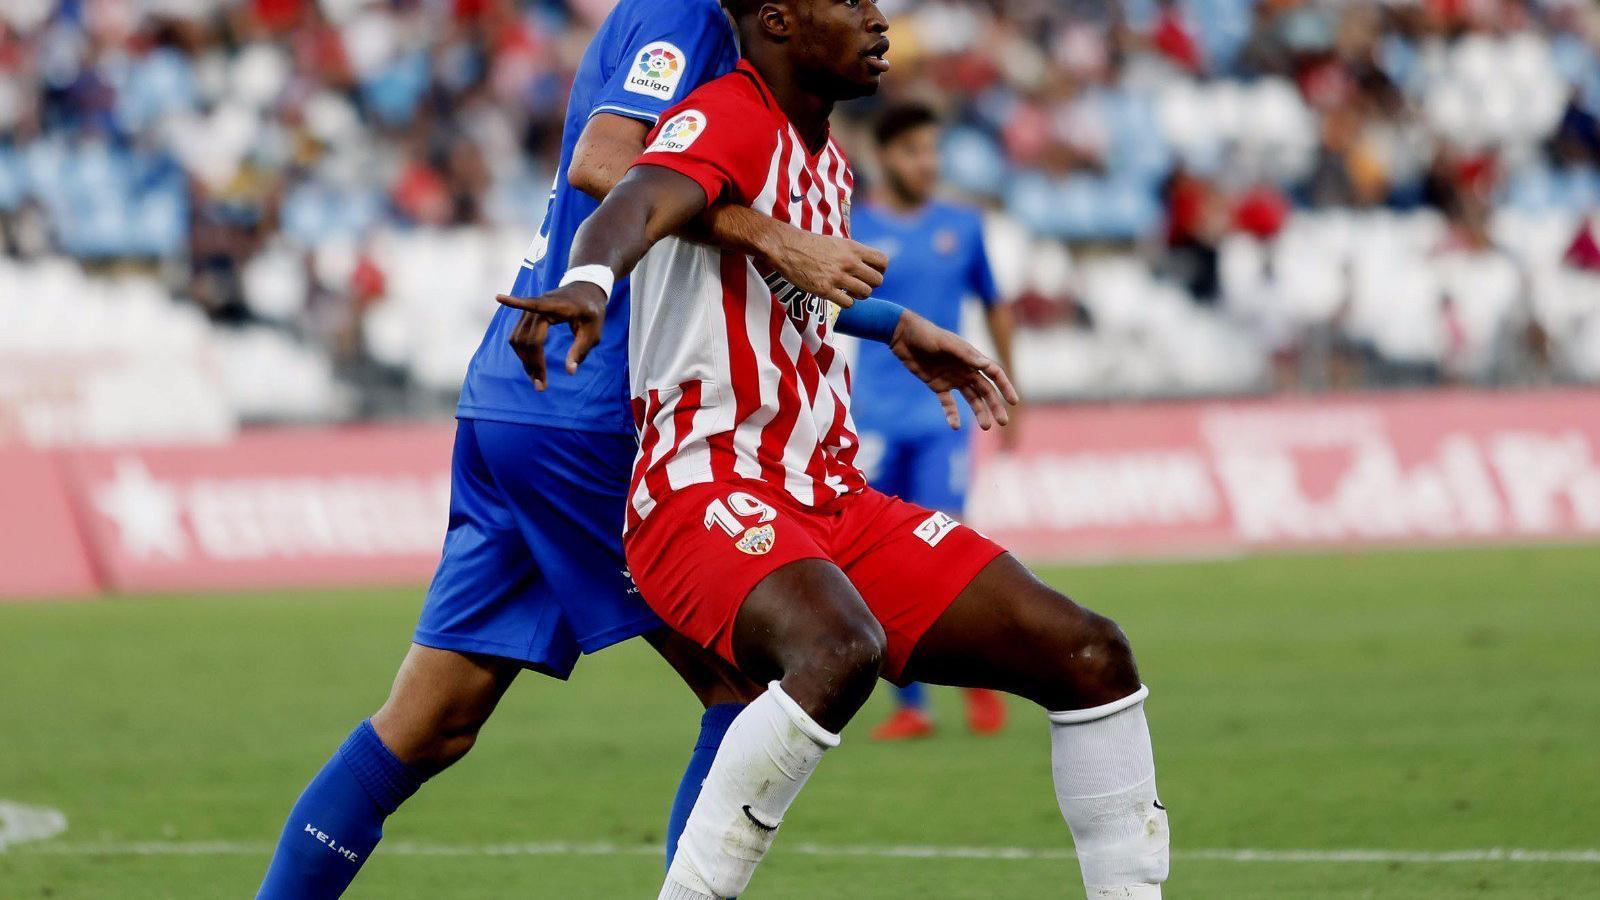 El Reus, eliminat al camp de l'Almeria